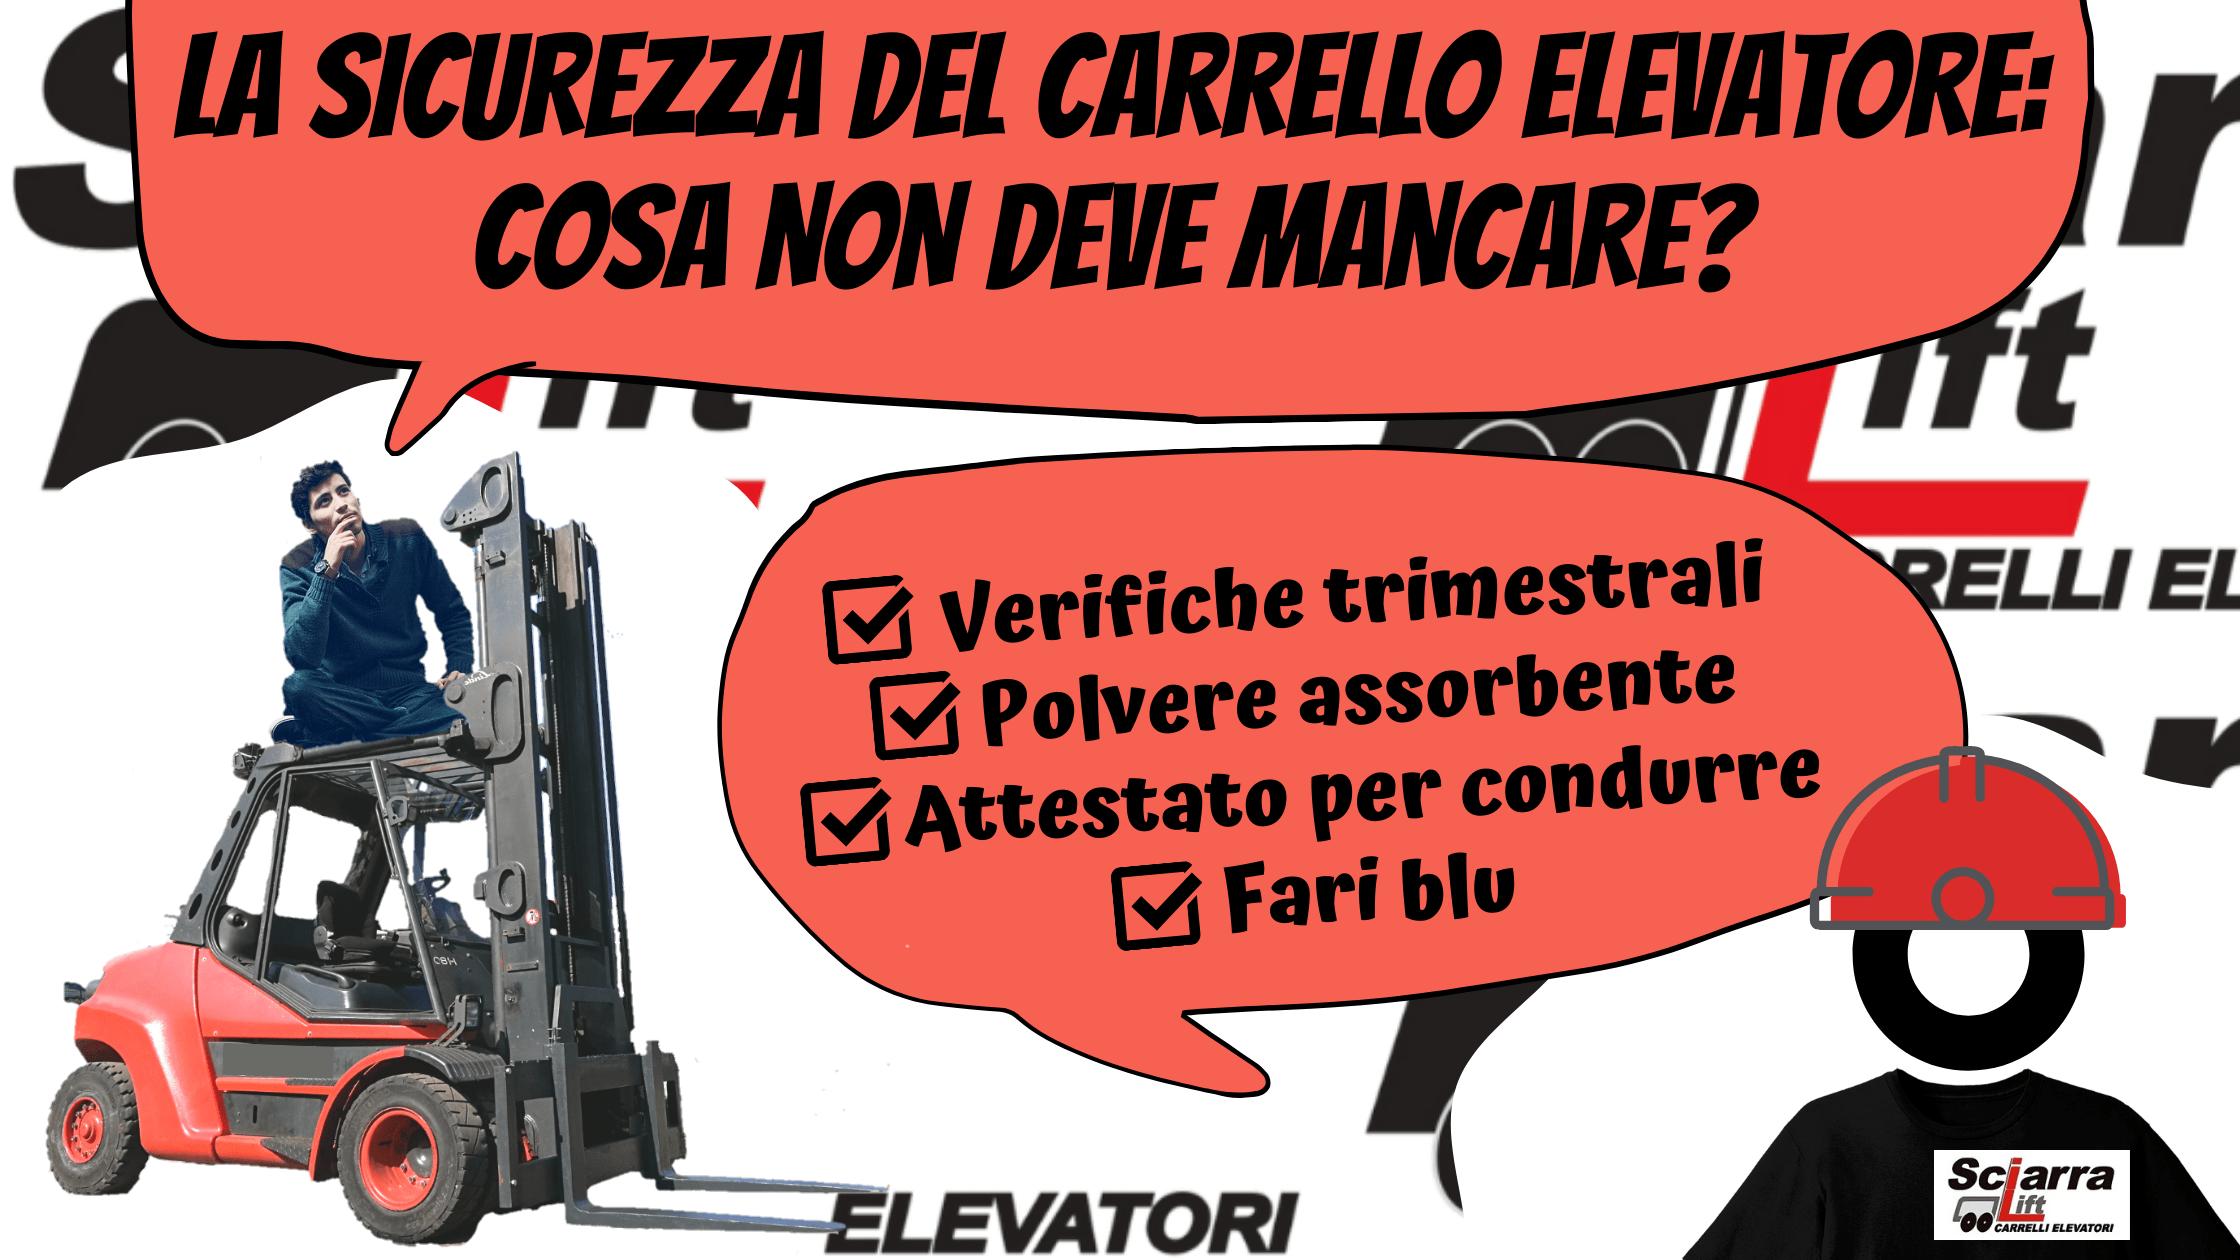 la sicurezza del carrello elevatore